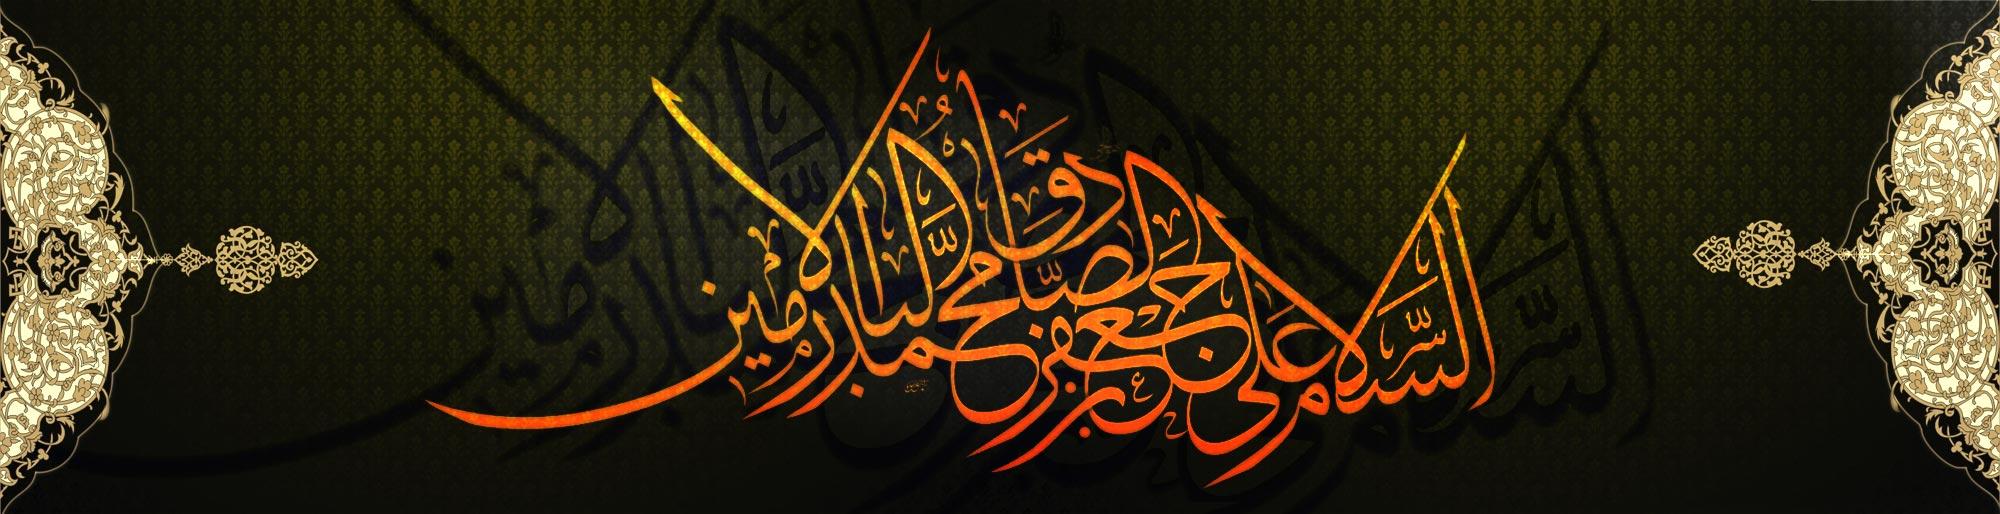 شهادة الإمام الصادق(ع)